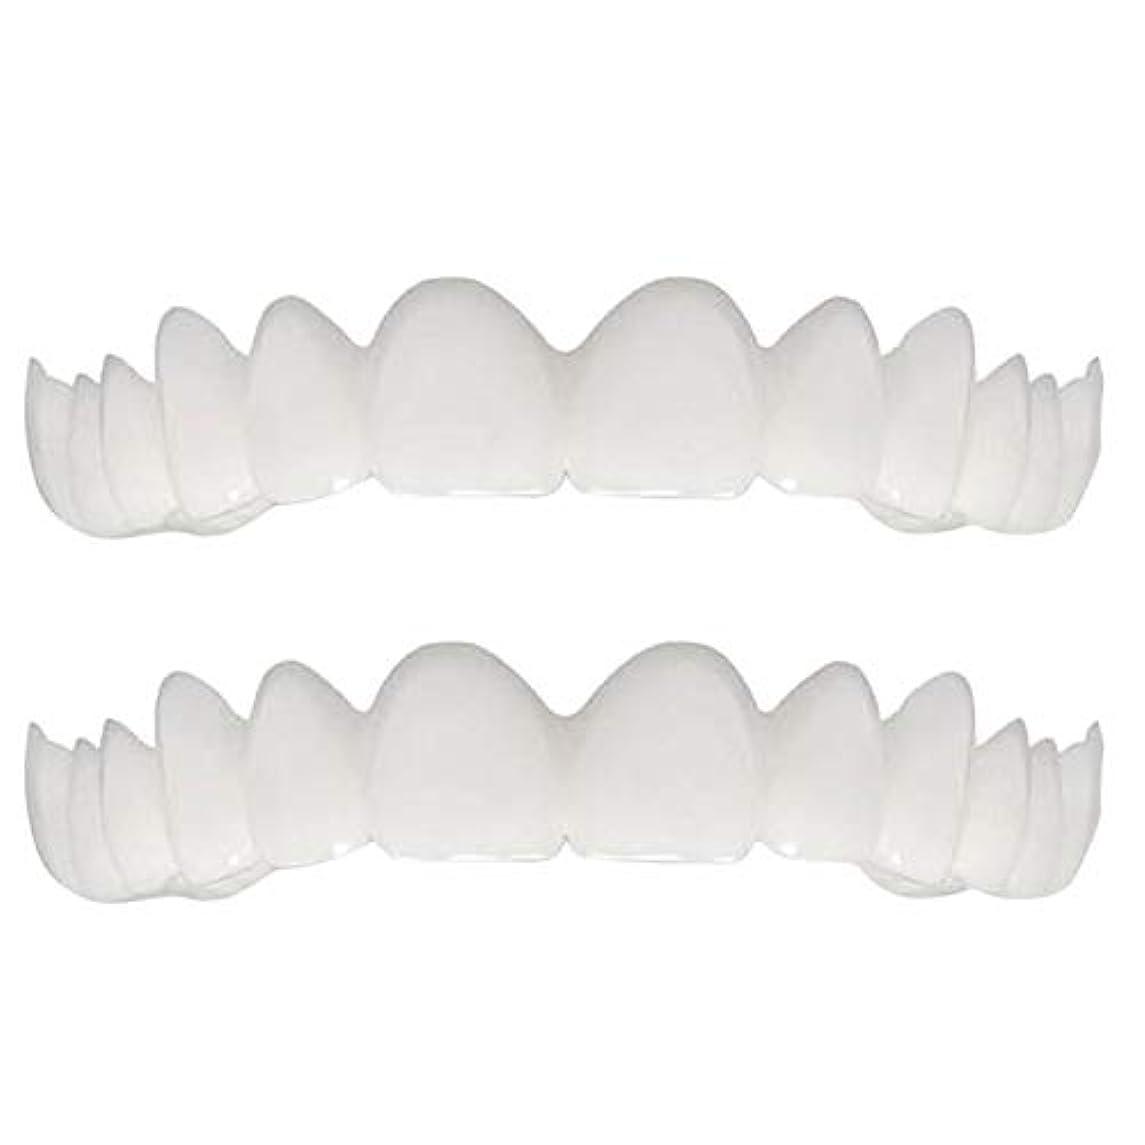 ステープル登録鼓舞するシリコーンシミュレーション義歯、白い歯ブレースの上下の列(5セット),Boxed,UpperLower